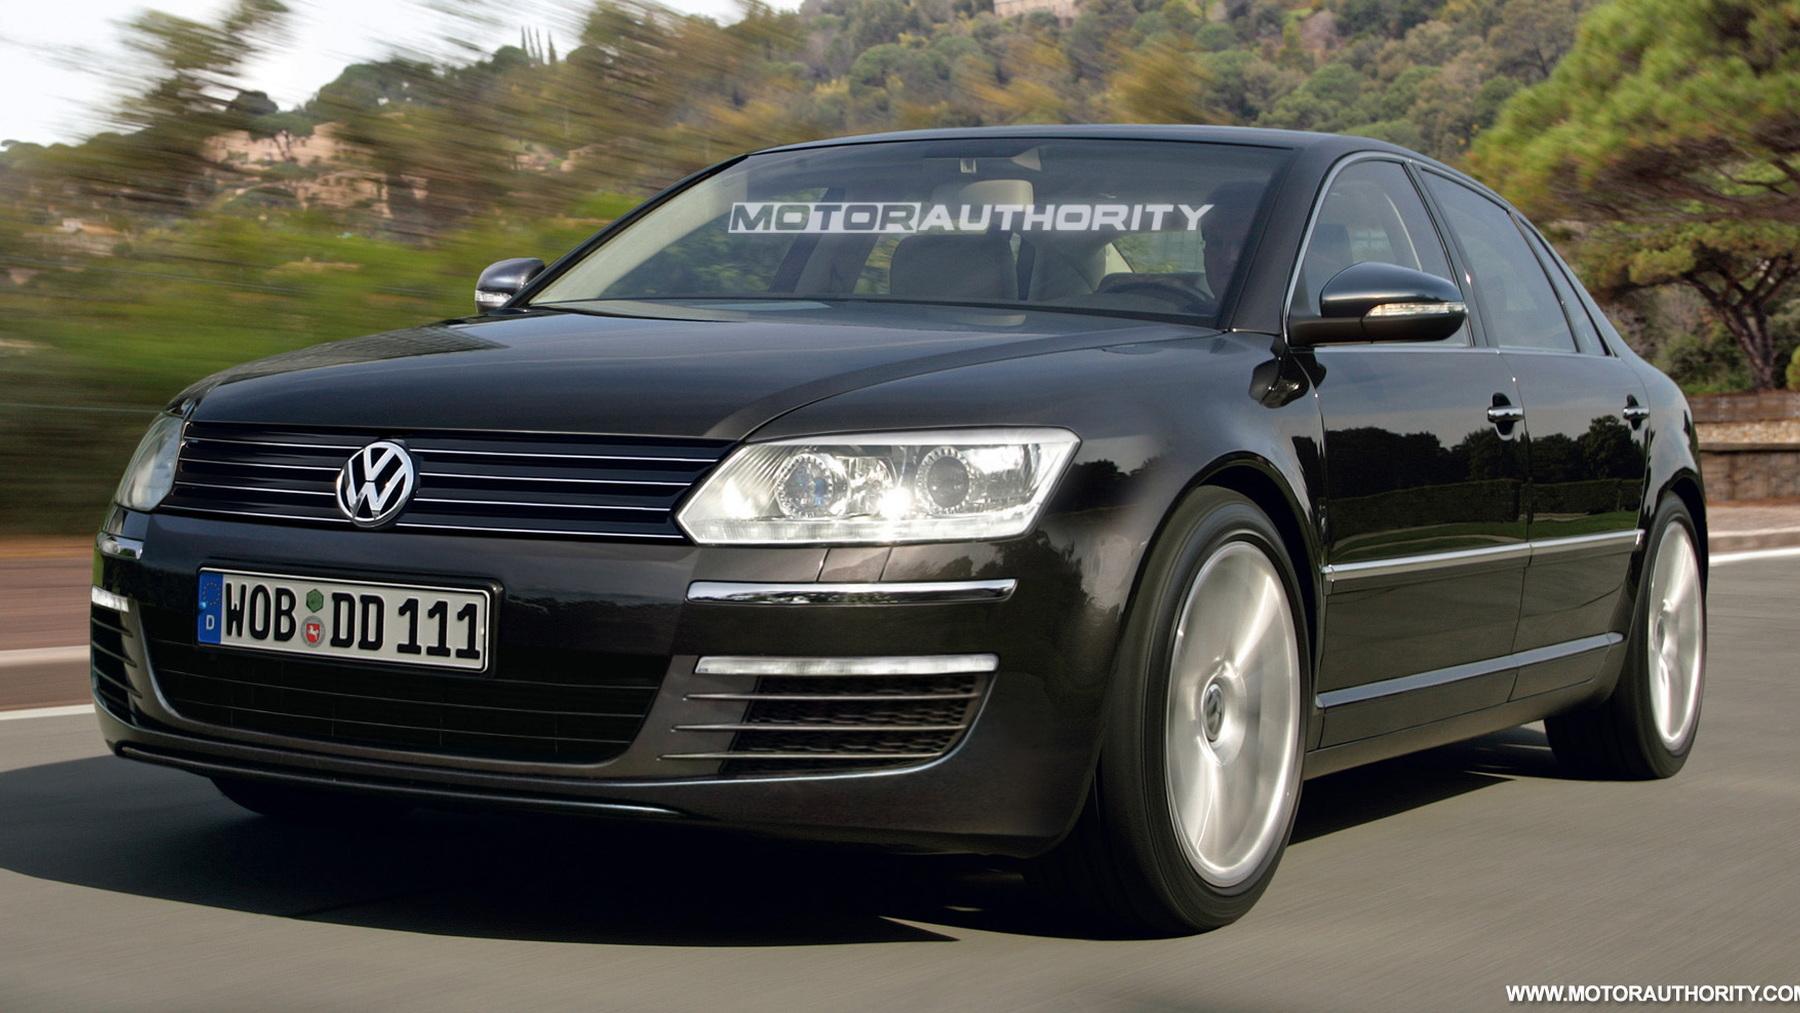 2011 volkswagen phaeton facelift preview rendering 001